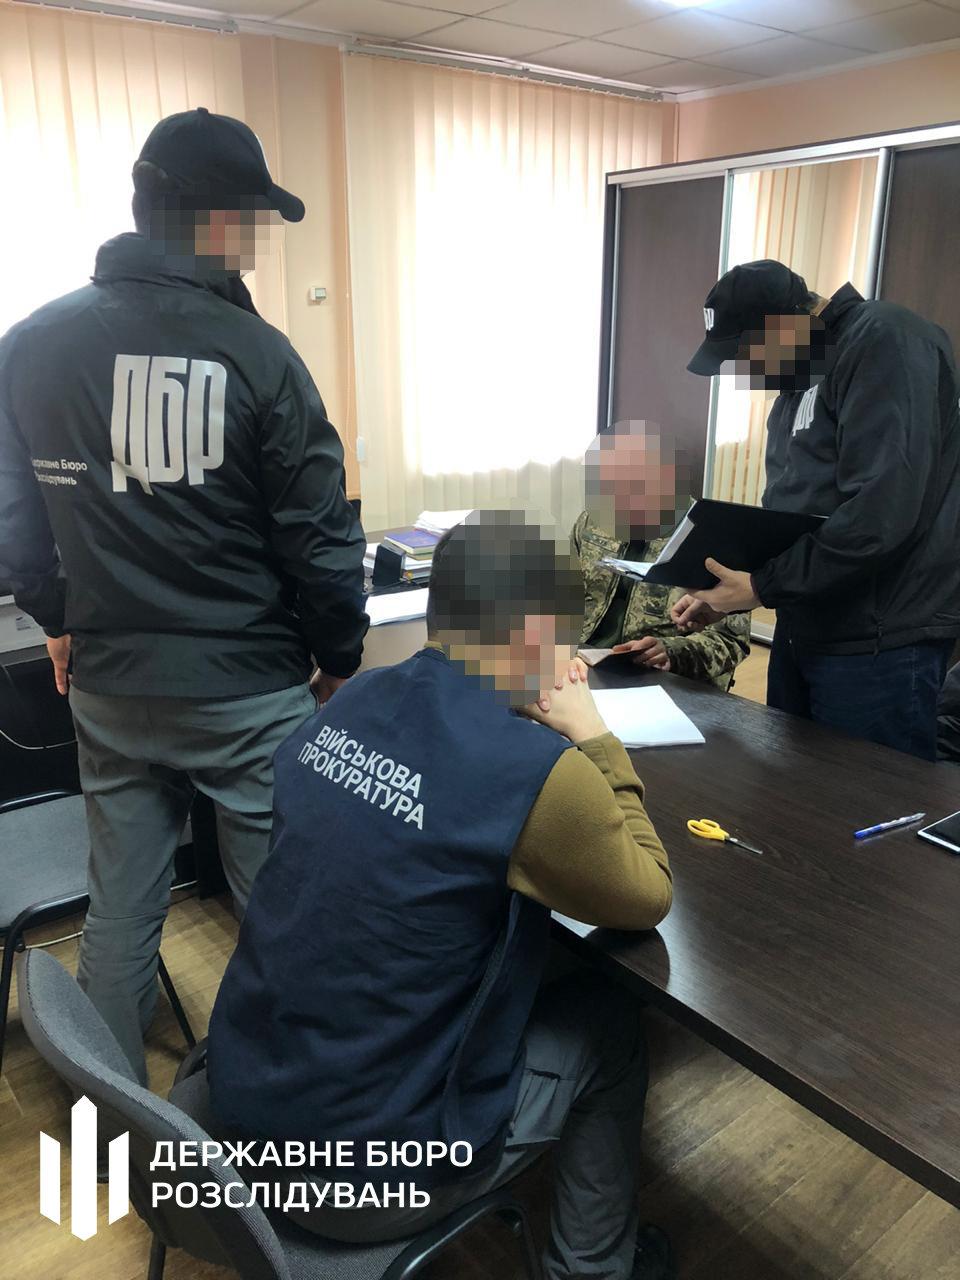 Крушение самолета Ан-26 под Харьковом: силовики сообщили о подозрении командующему Воздушных сил Дроздову, - ФОТО, фото-3